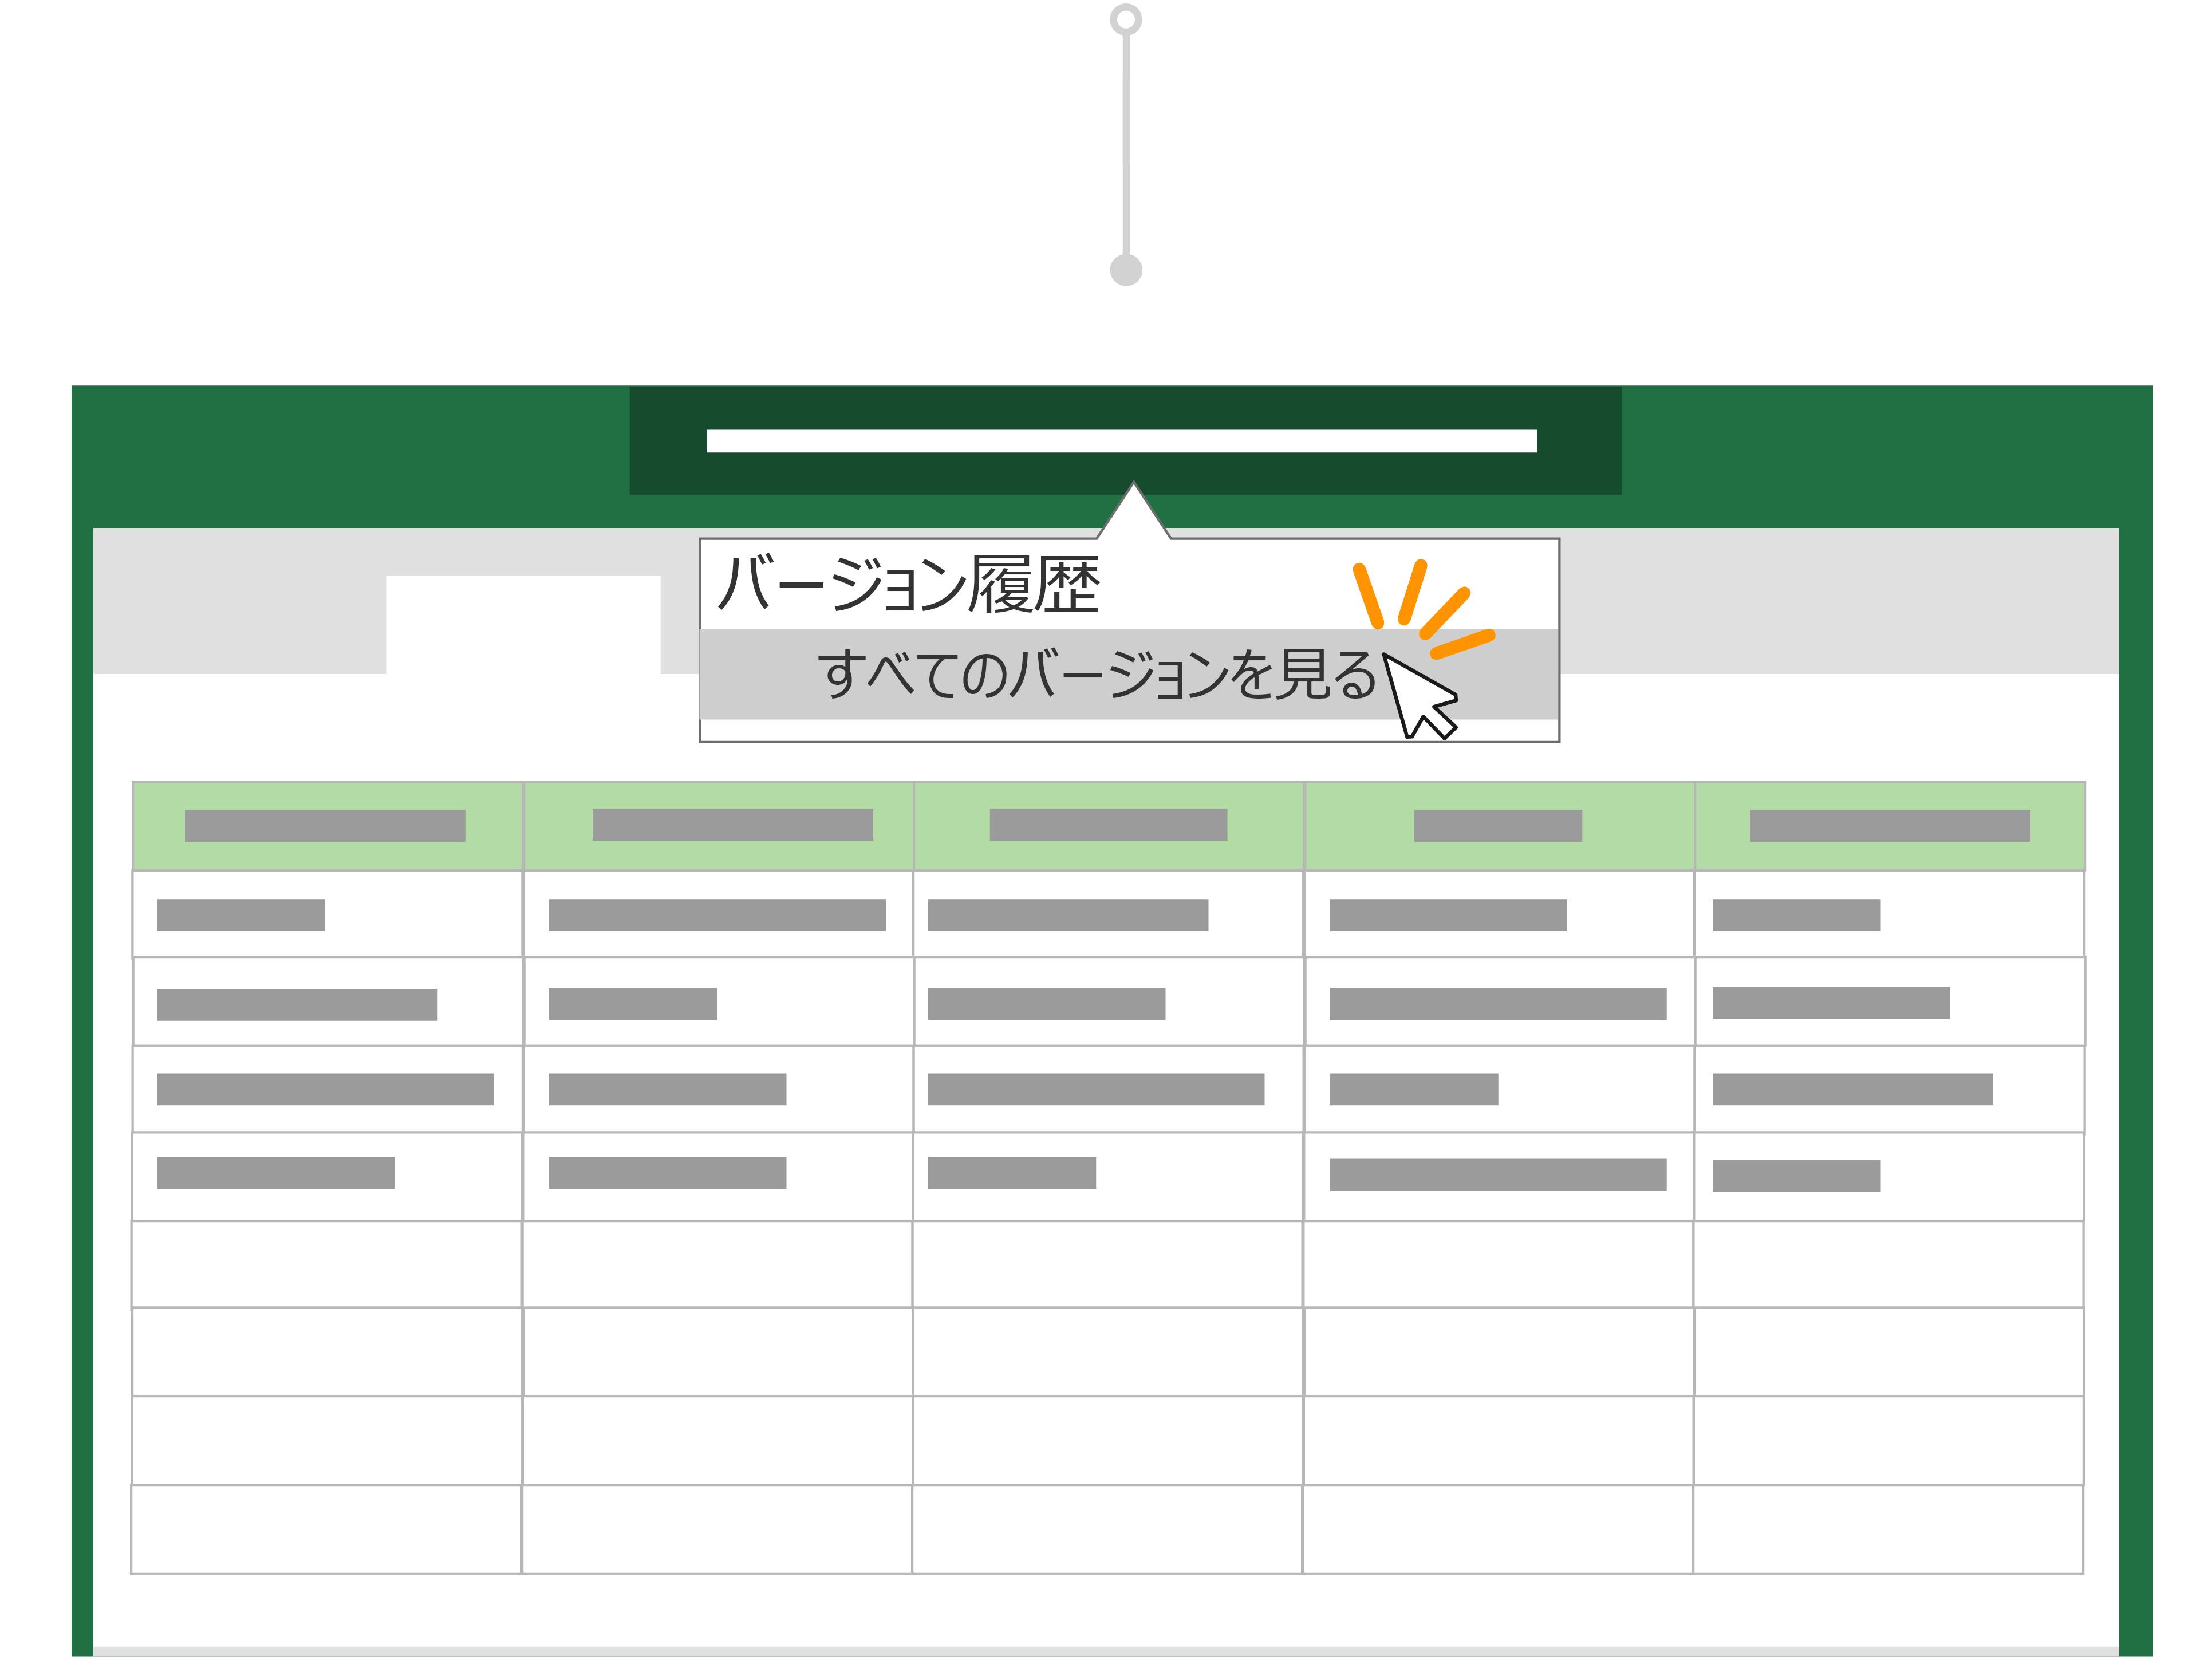 ファイルの以前のバージョンに戻すには、バージョン履歴を使用します。